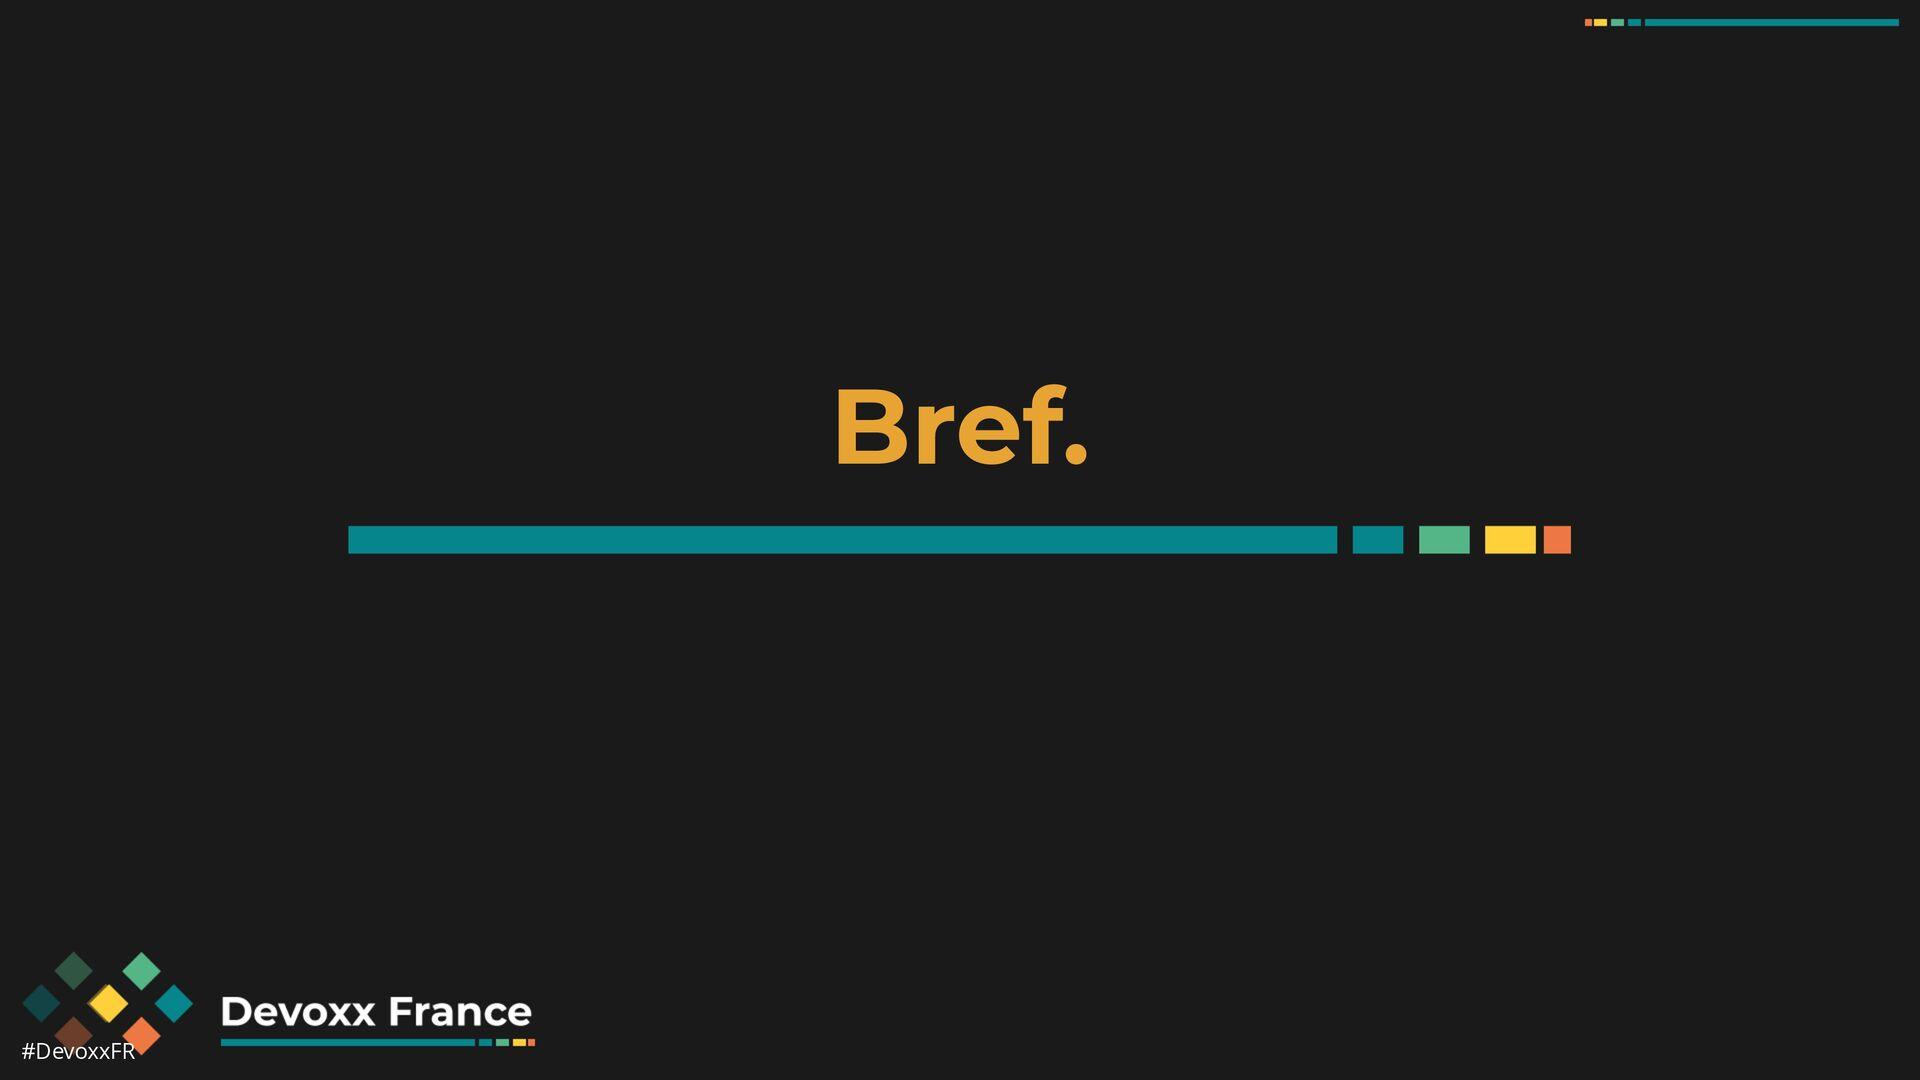 #DevoxxFR Bref.